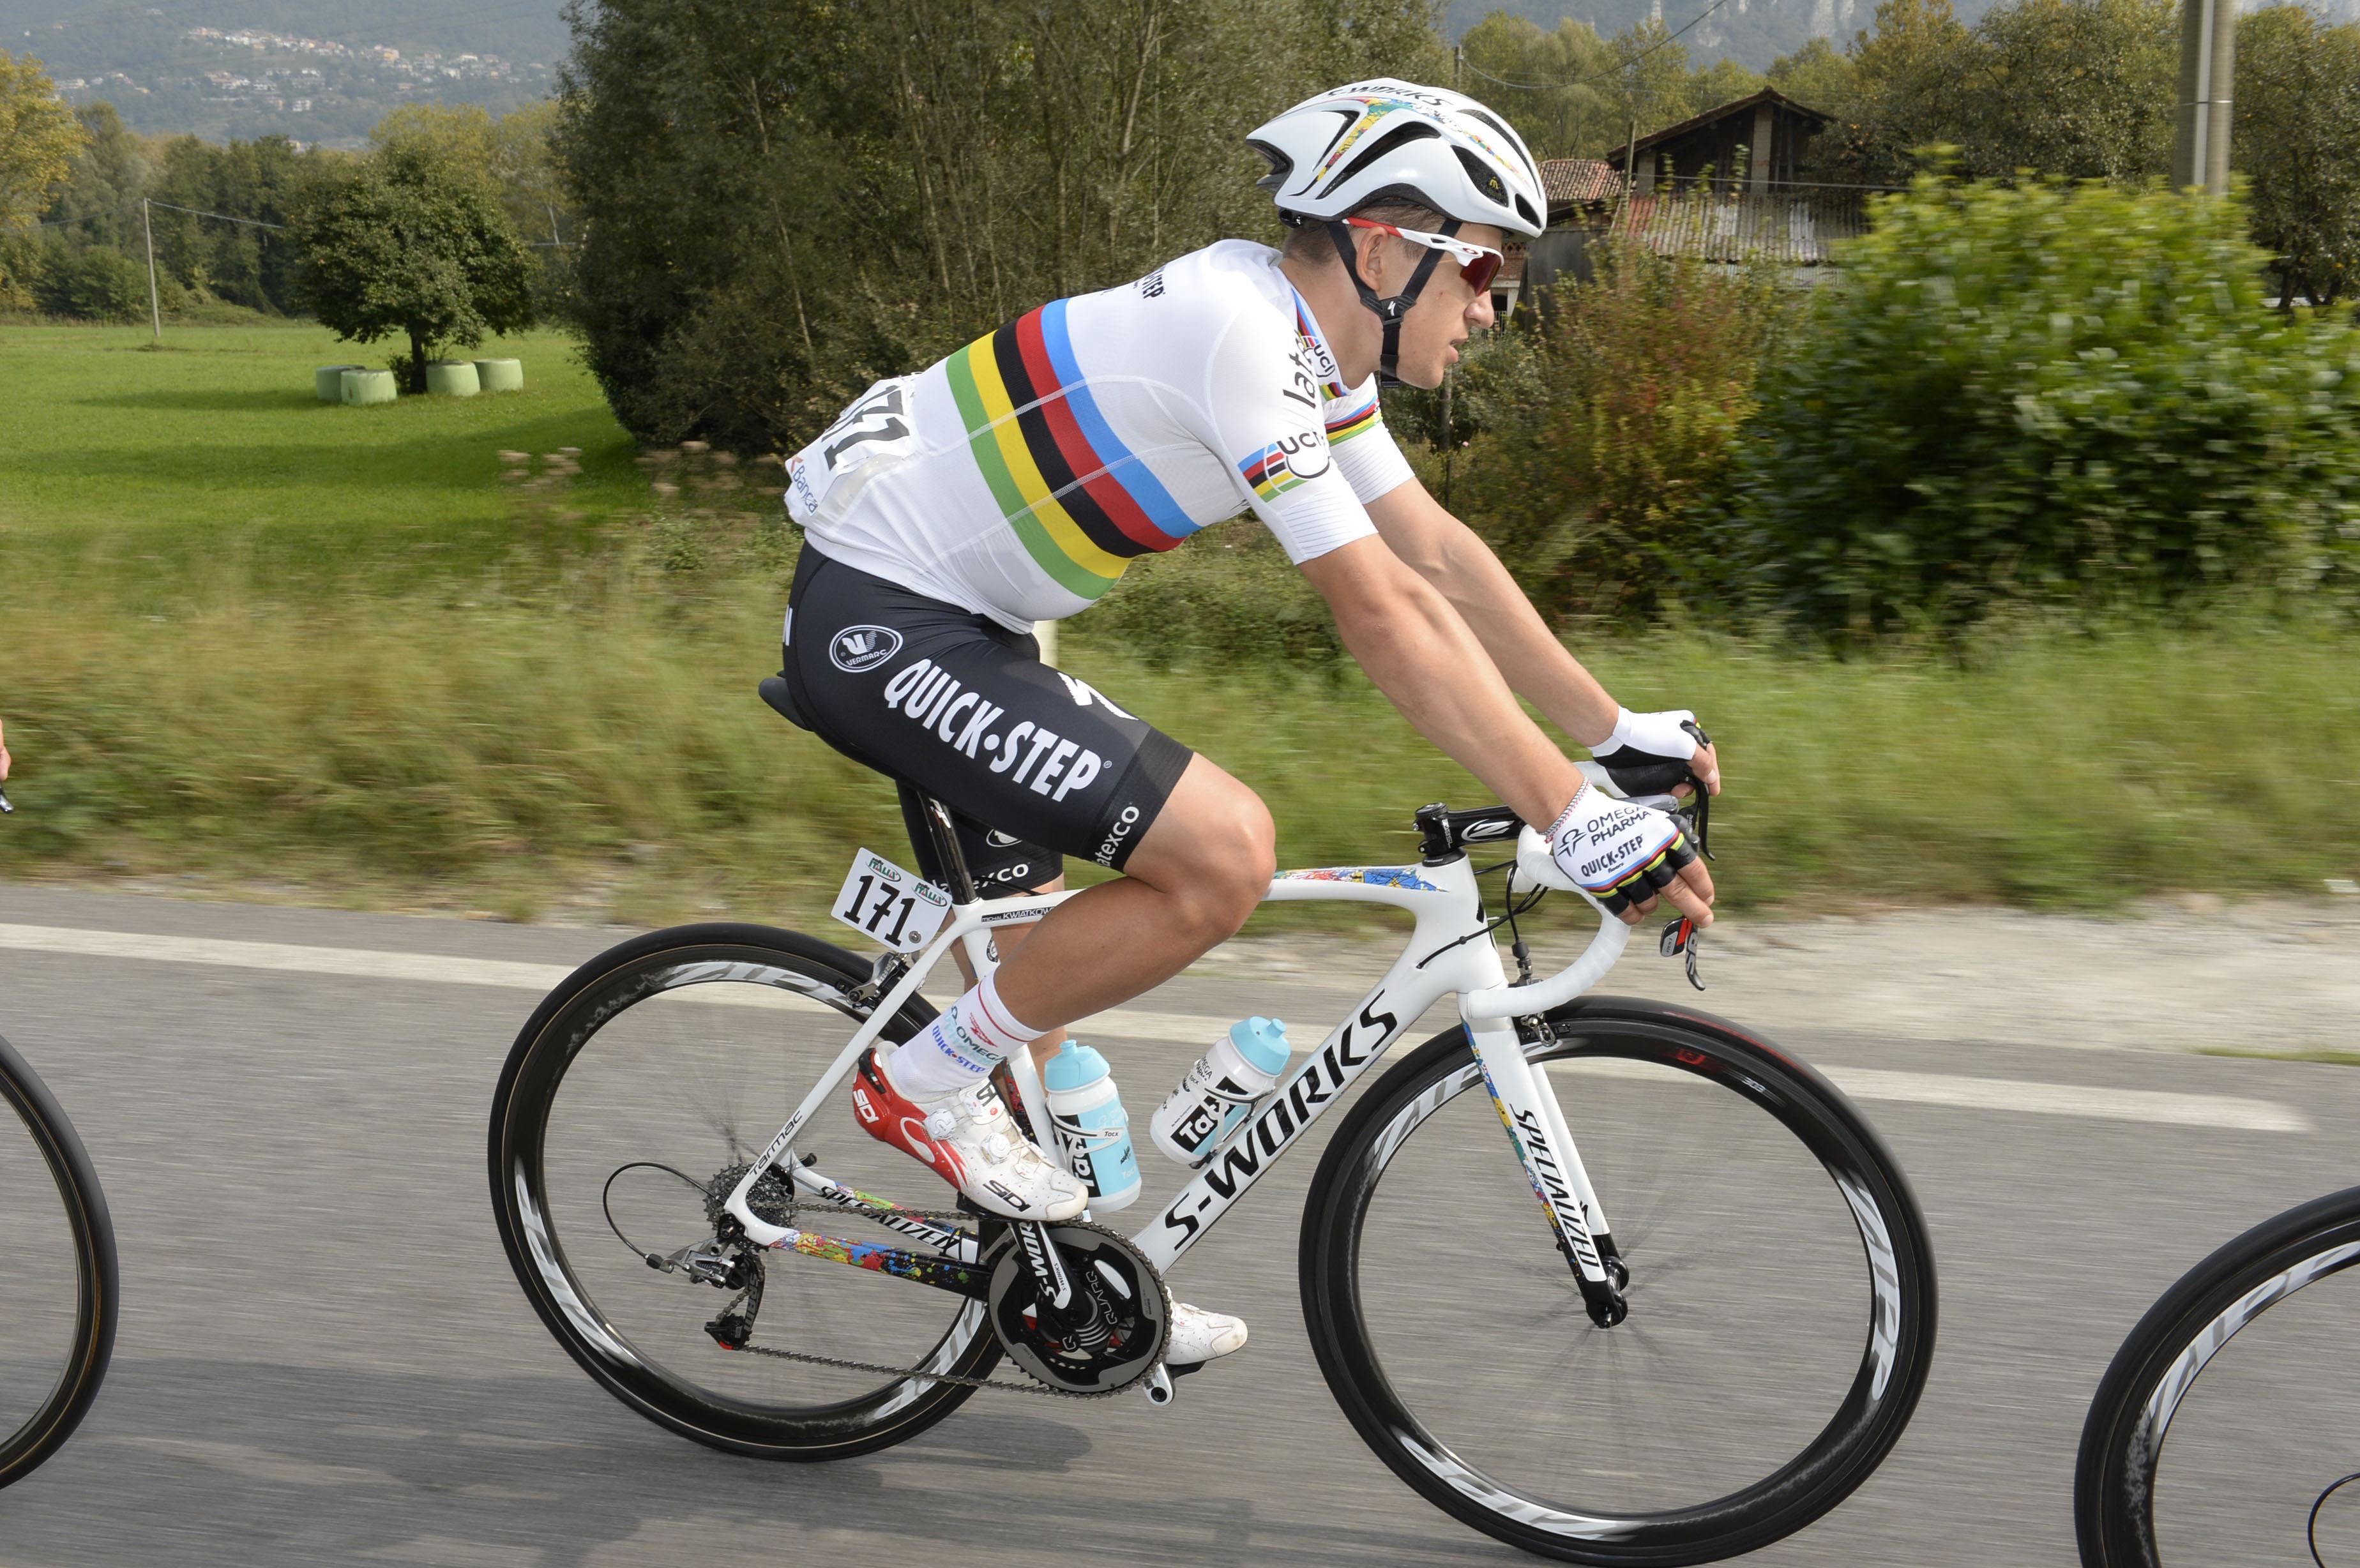 2014, Giro di Lombardia, Omega Pharma - Quick Step 2014, Kwiatkowski Michal